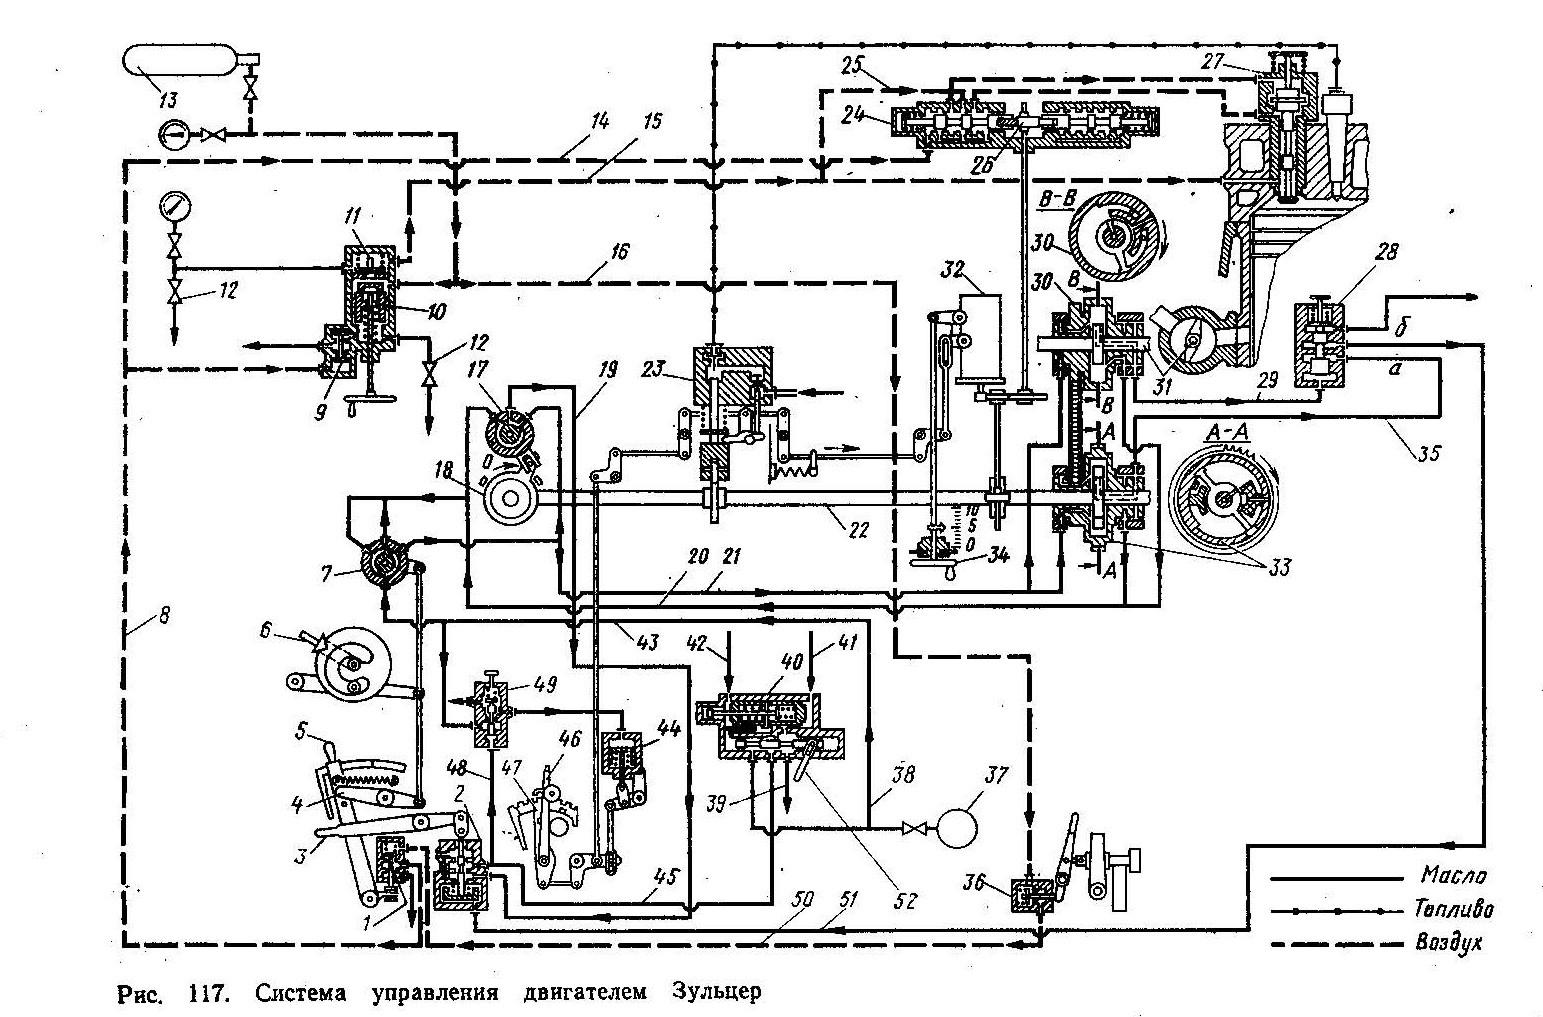 D:\AMИ\3 СЭУ\Kонспект СЭУ\52 Принципиальная схема управления двигателя Зульцер\Страницы из В.И.Возницкий К.Г.Чернявская Е.Г.Михеев Судовые ДВС 1979-.jpg